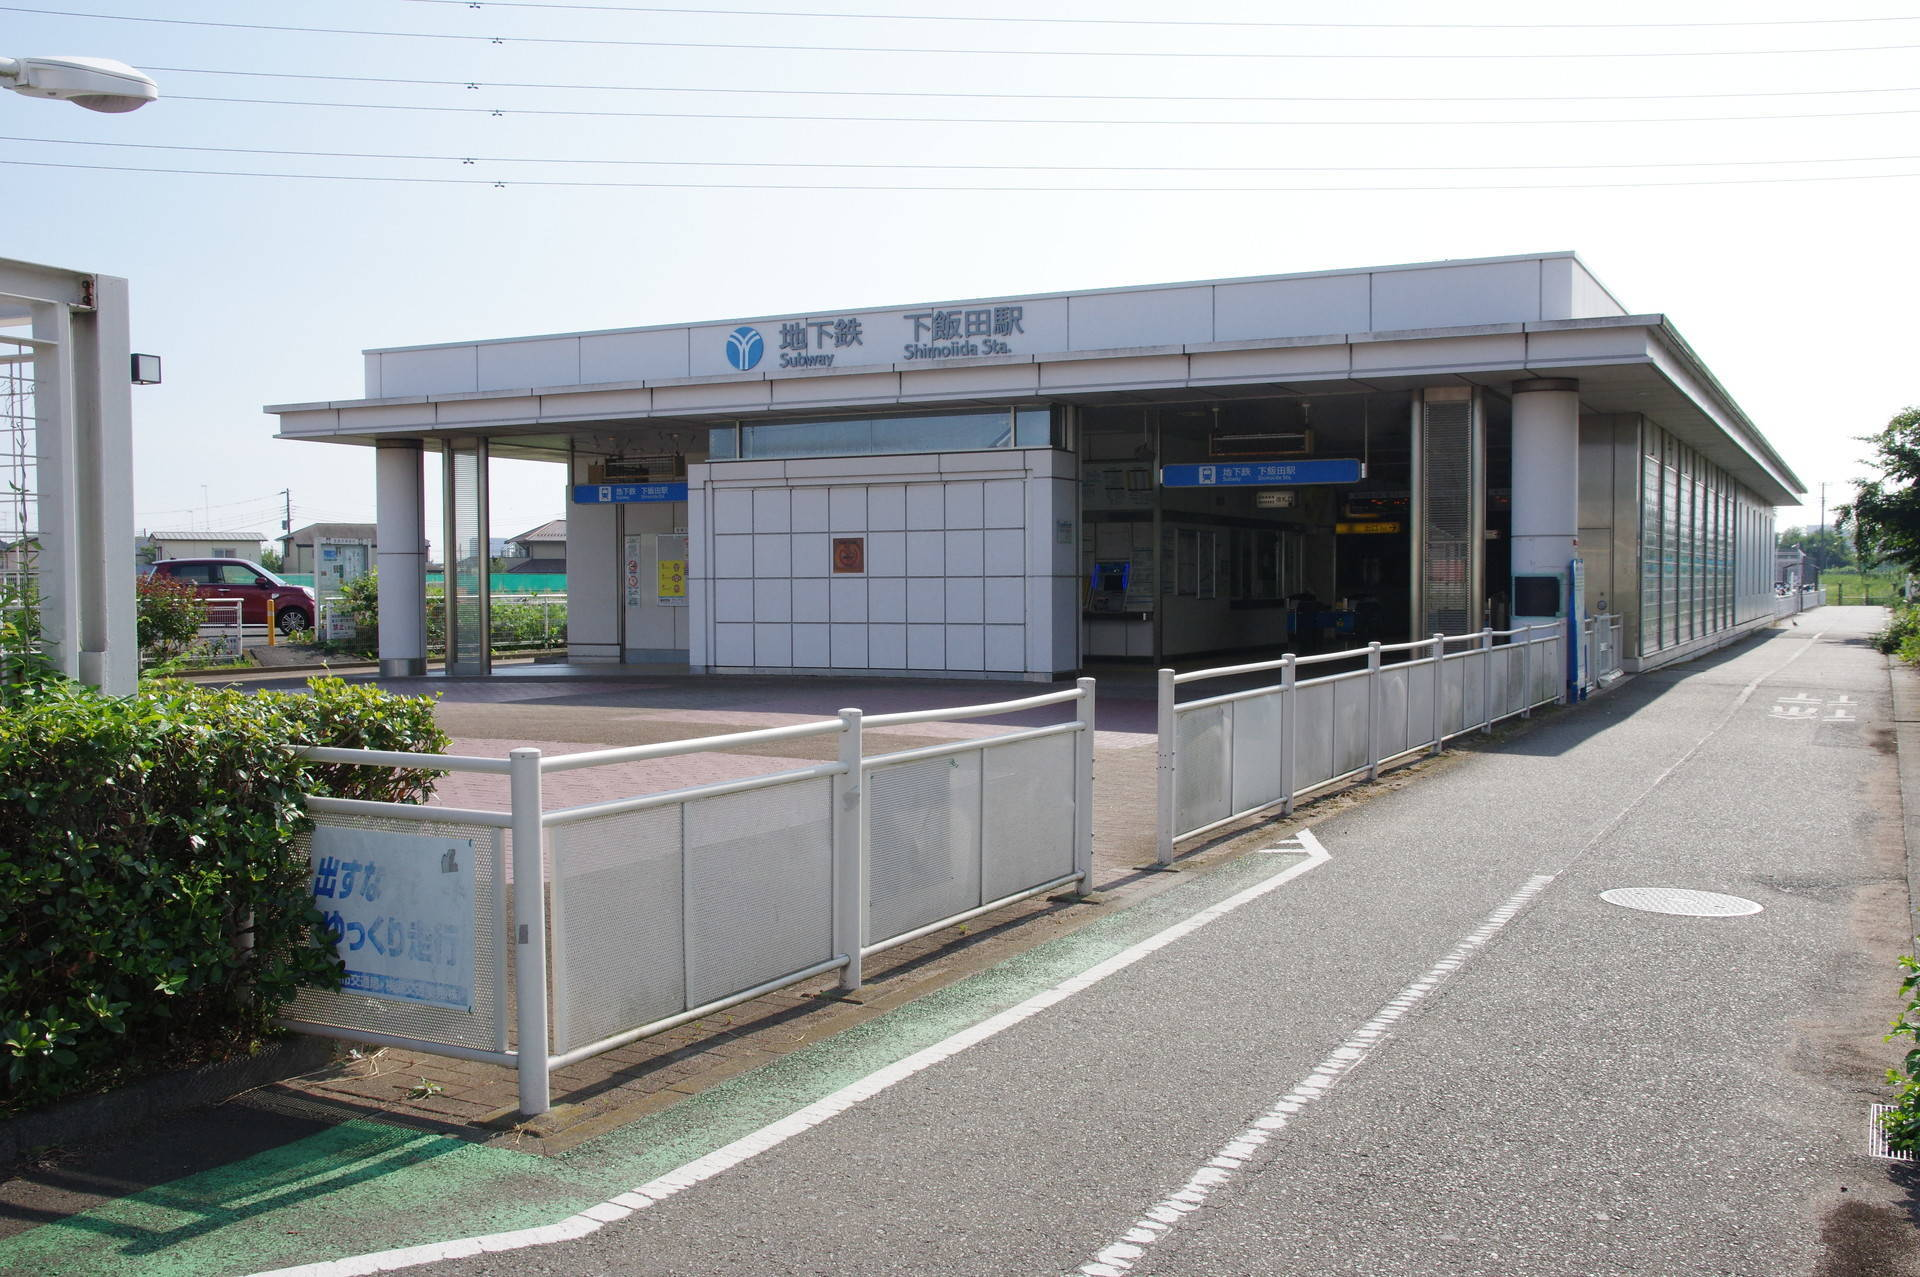 下飯田駅の駅舎